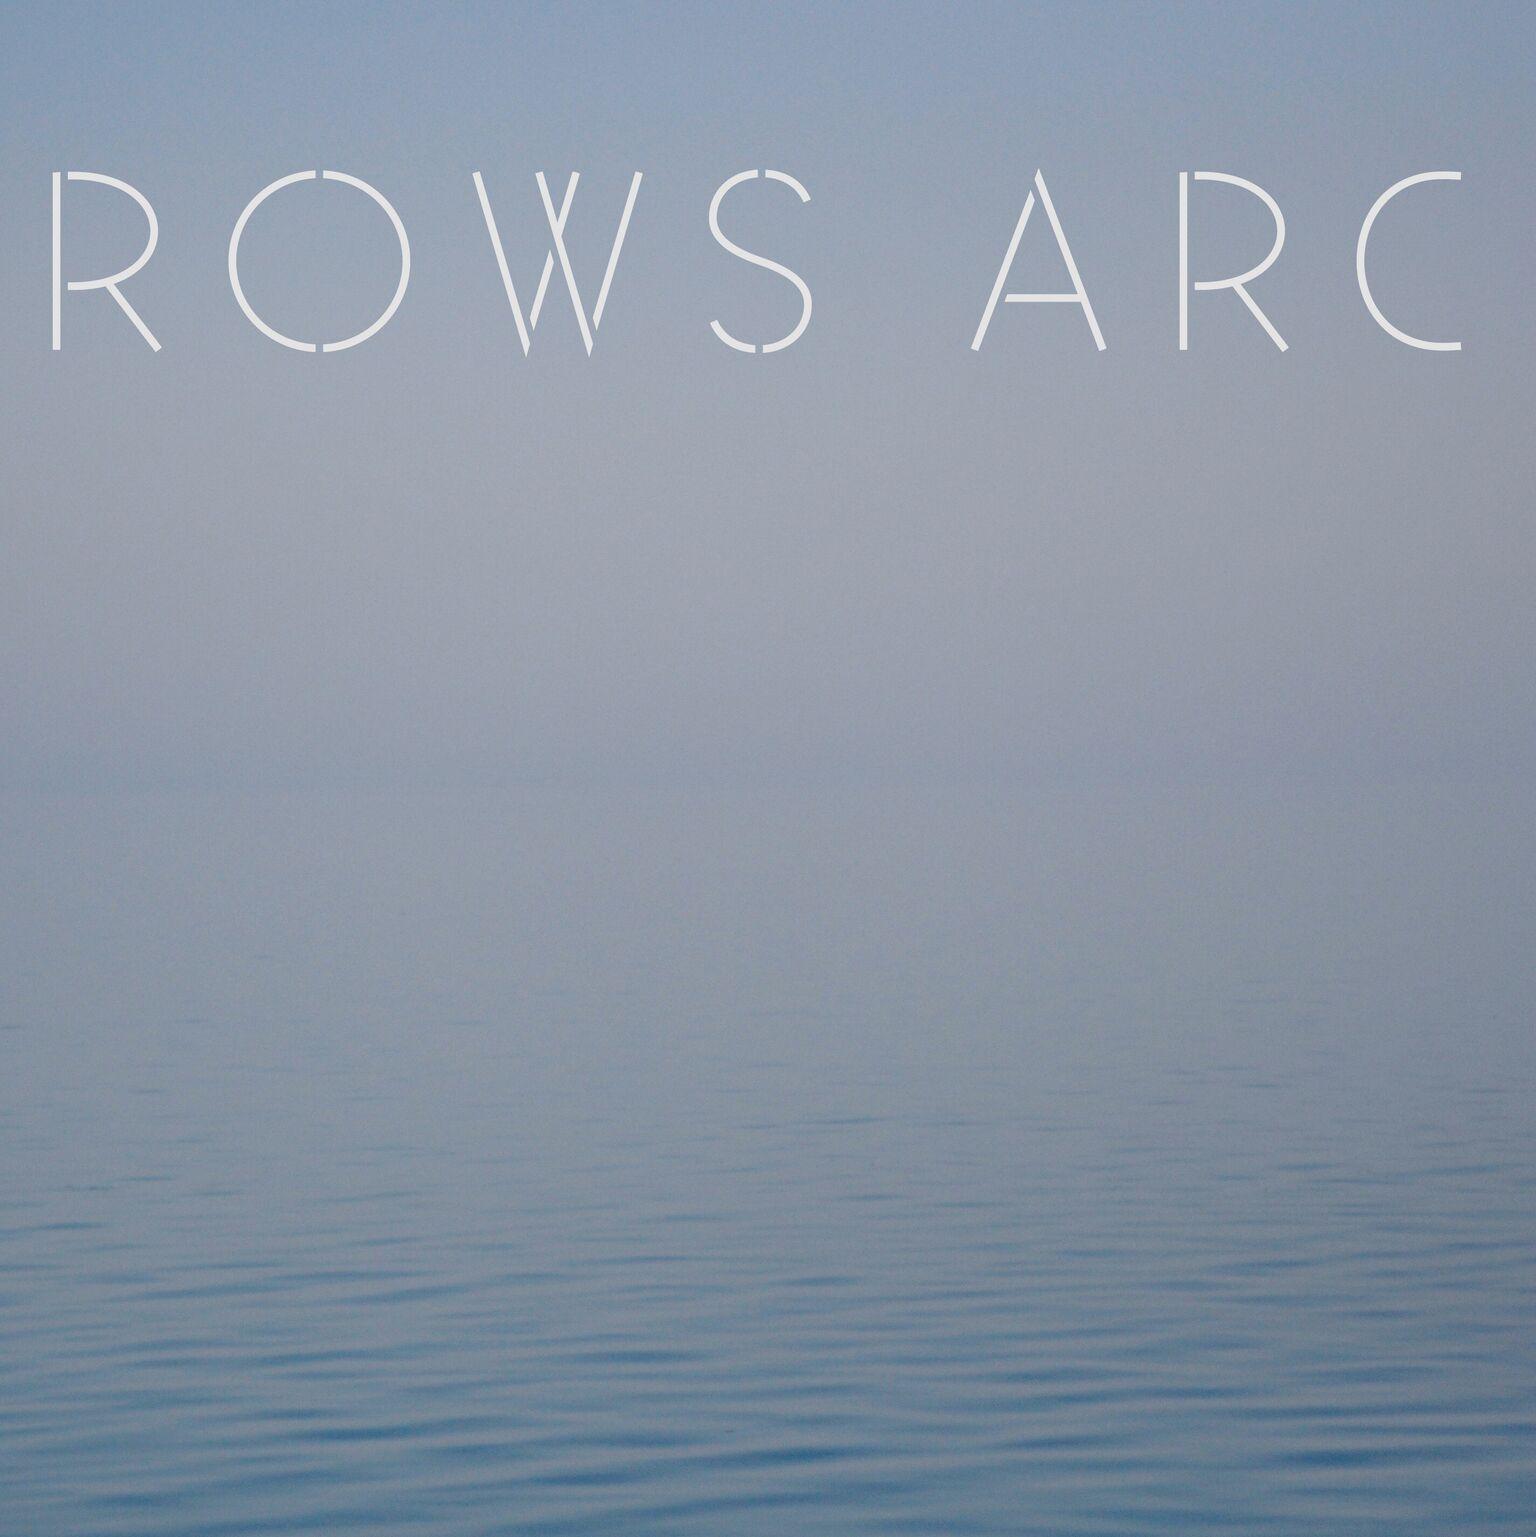 RowsArc.jpeg